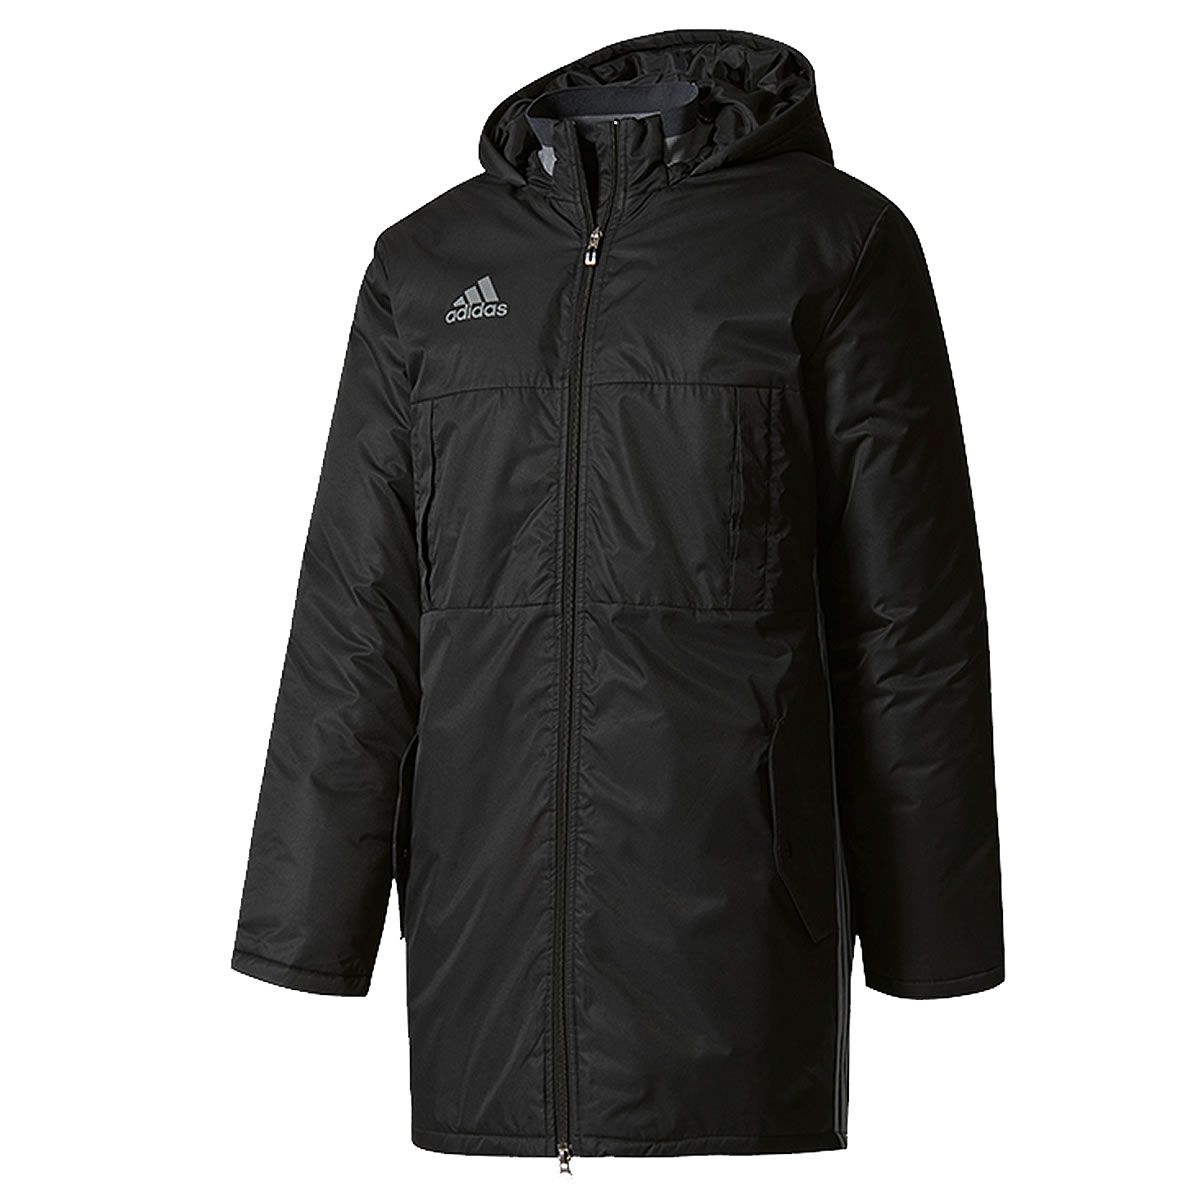 Adidas Winterjacke (Daunen) für Jugendliche